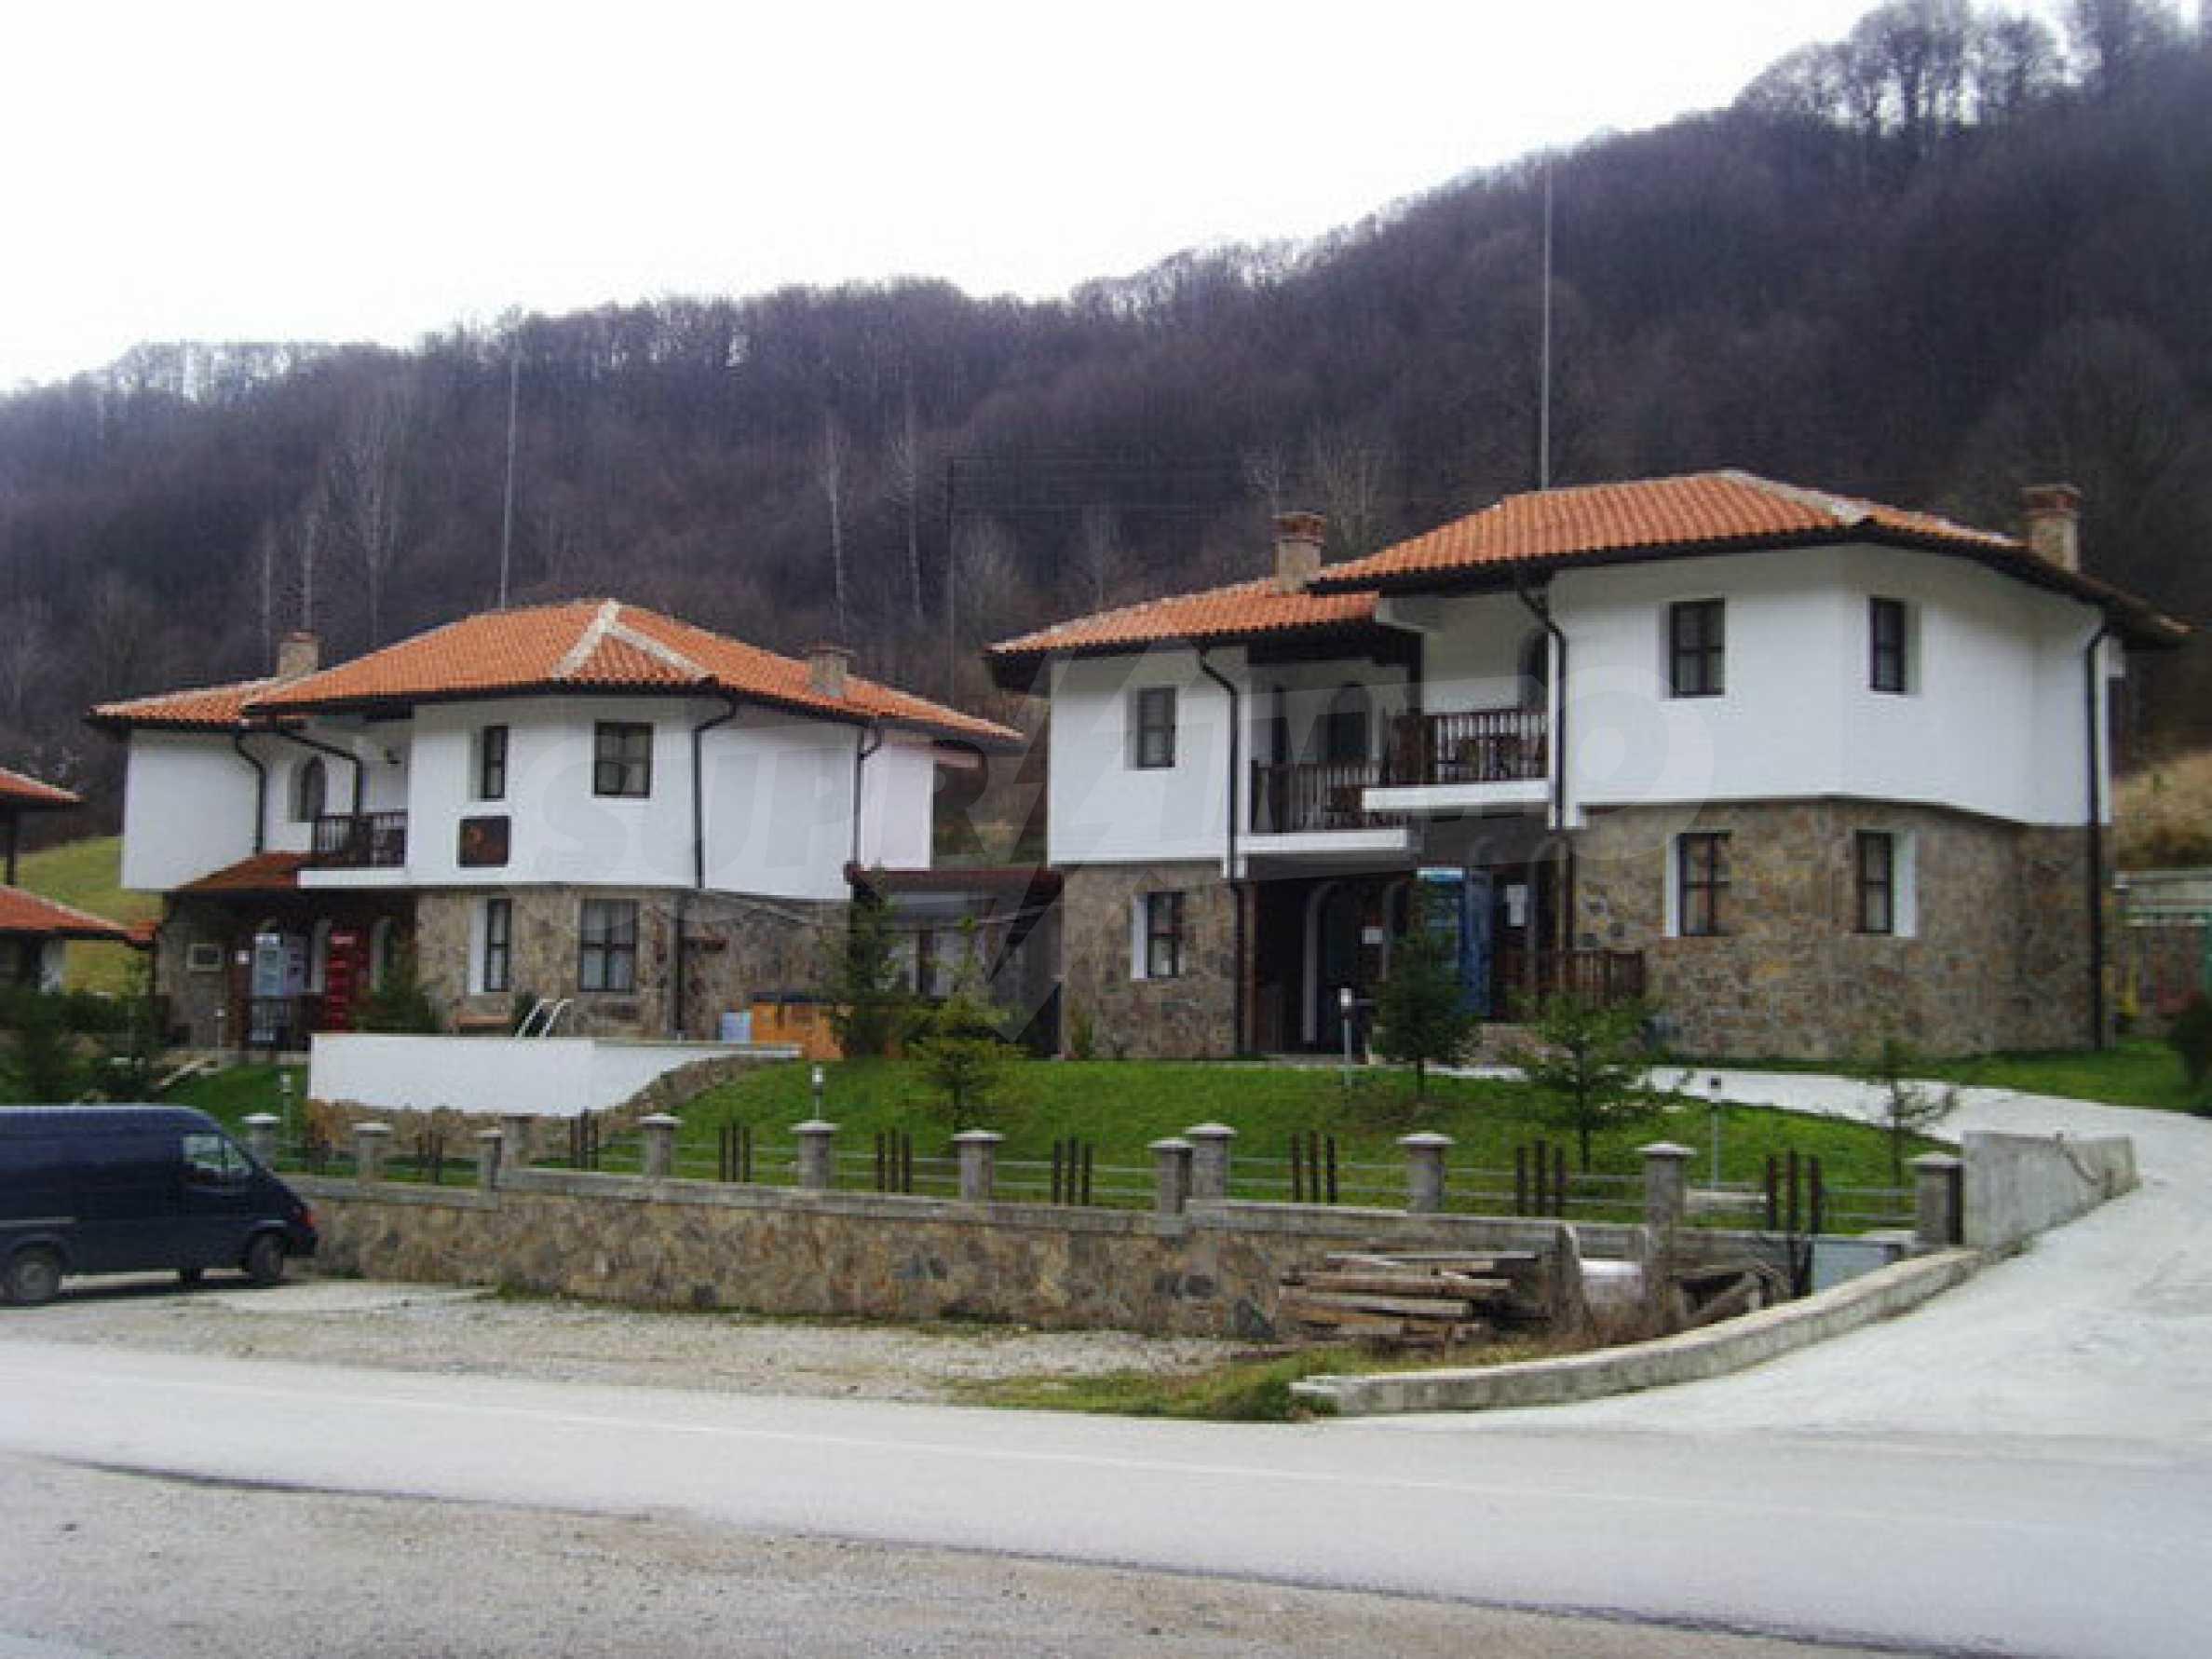 Zwei Gästehäuser in einer attraktiven Gegend mit heißen Mineralquellen in der Nähe der Stadt Troyan 32